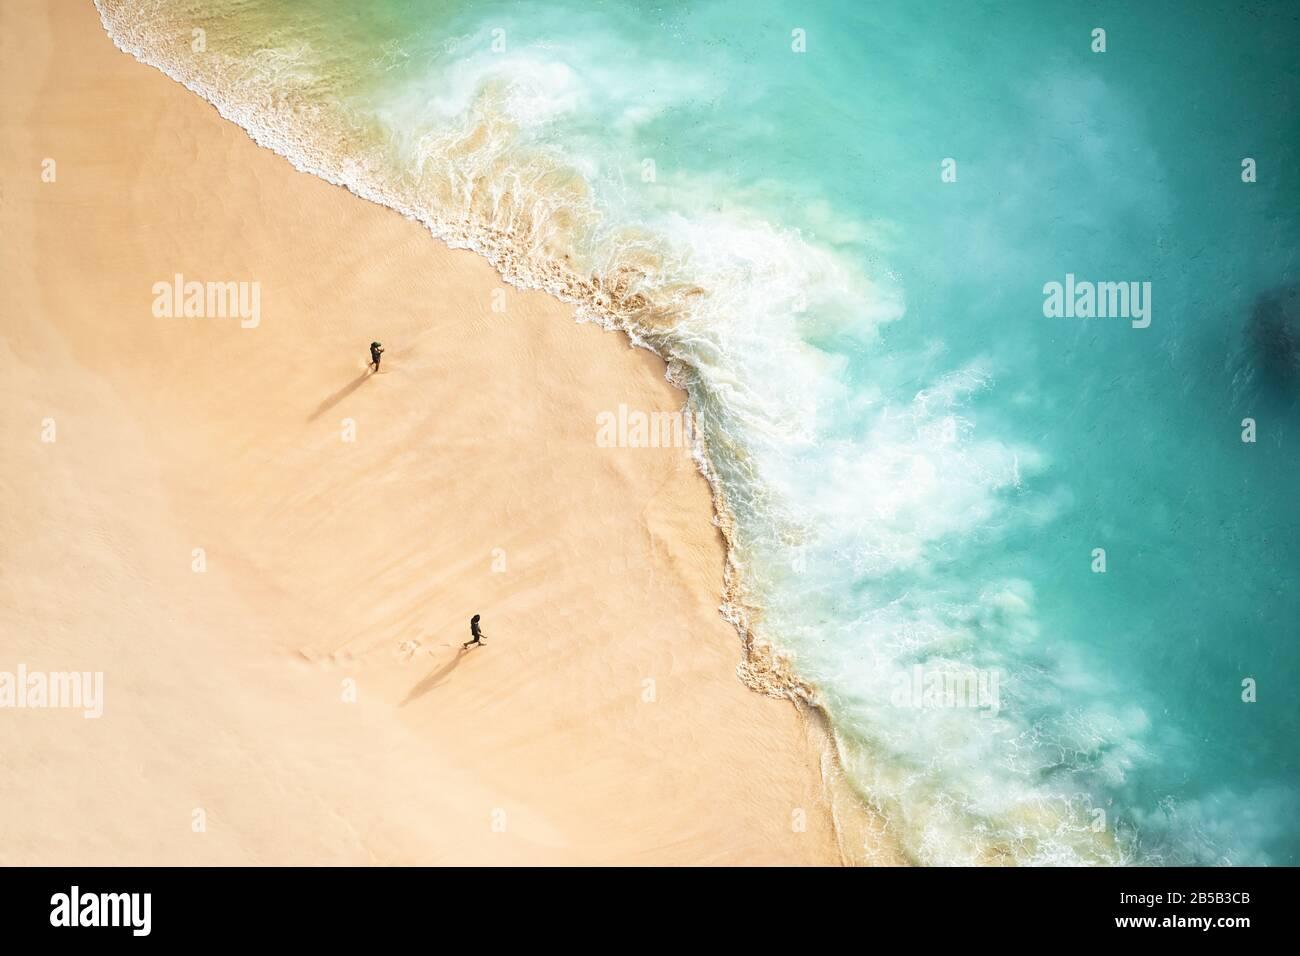 Vista desde arriba, impresionante vista aérea de dos personas caminando en una hermosa playa bañada por un mar turquesa durante la puesta de sol. Foto de stock